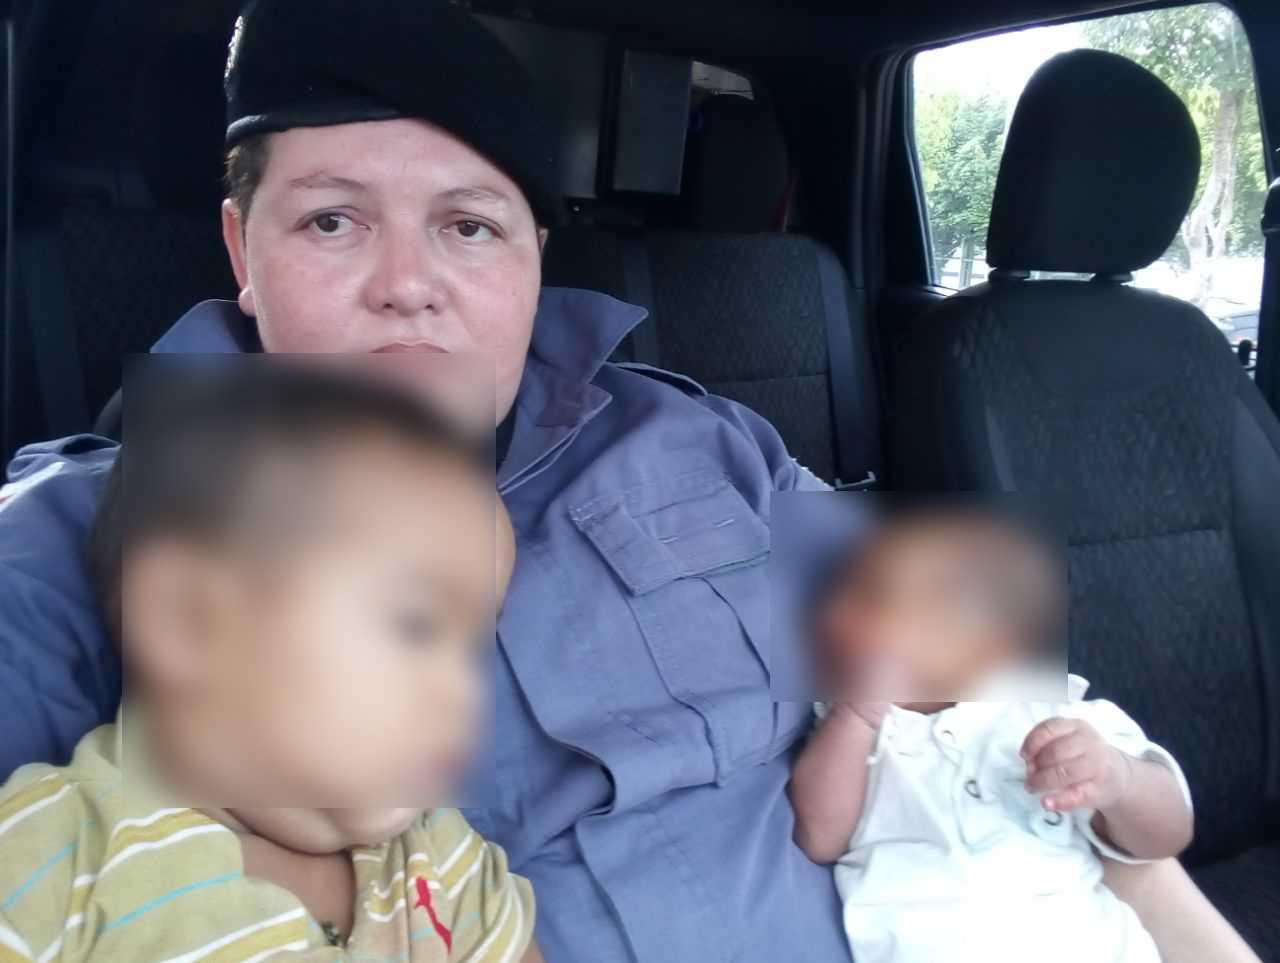 Policiais militares resgatam bebês de 1 mês e de 1 ano abandonados pela mãe, em Manaus - Imagem - PM/AM